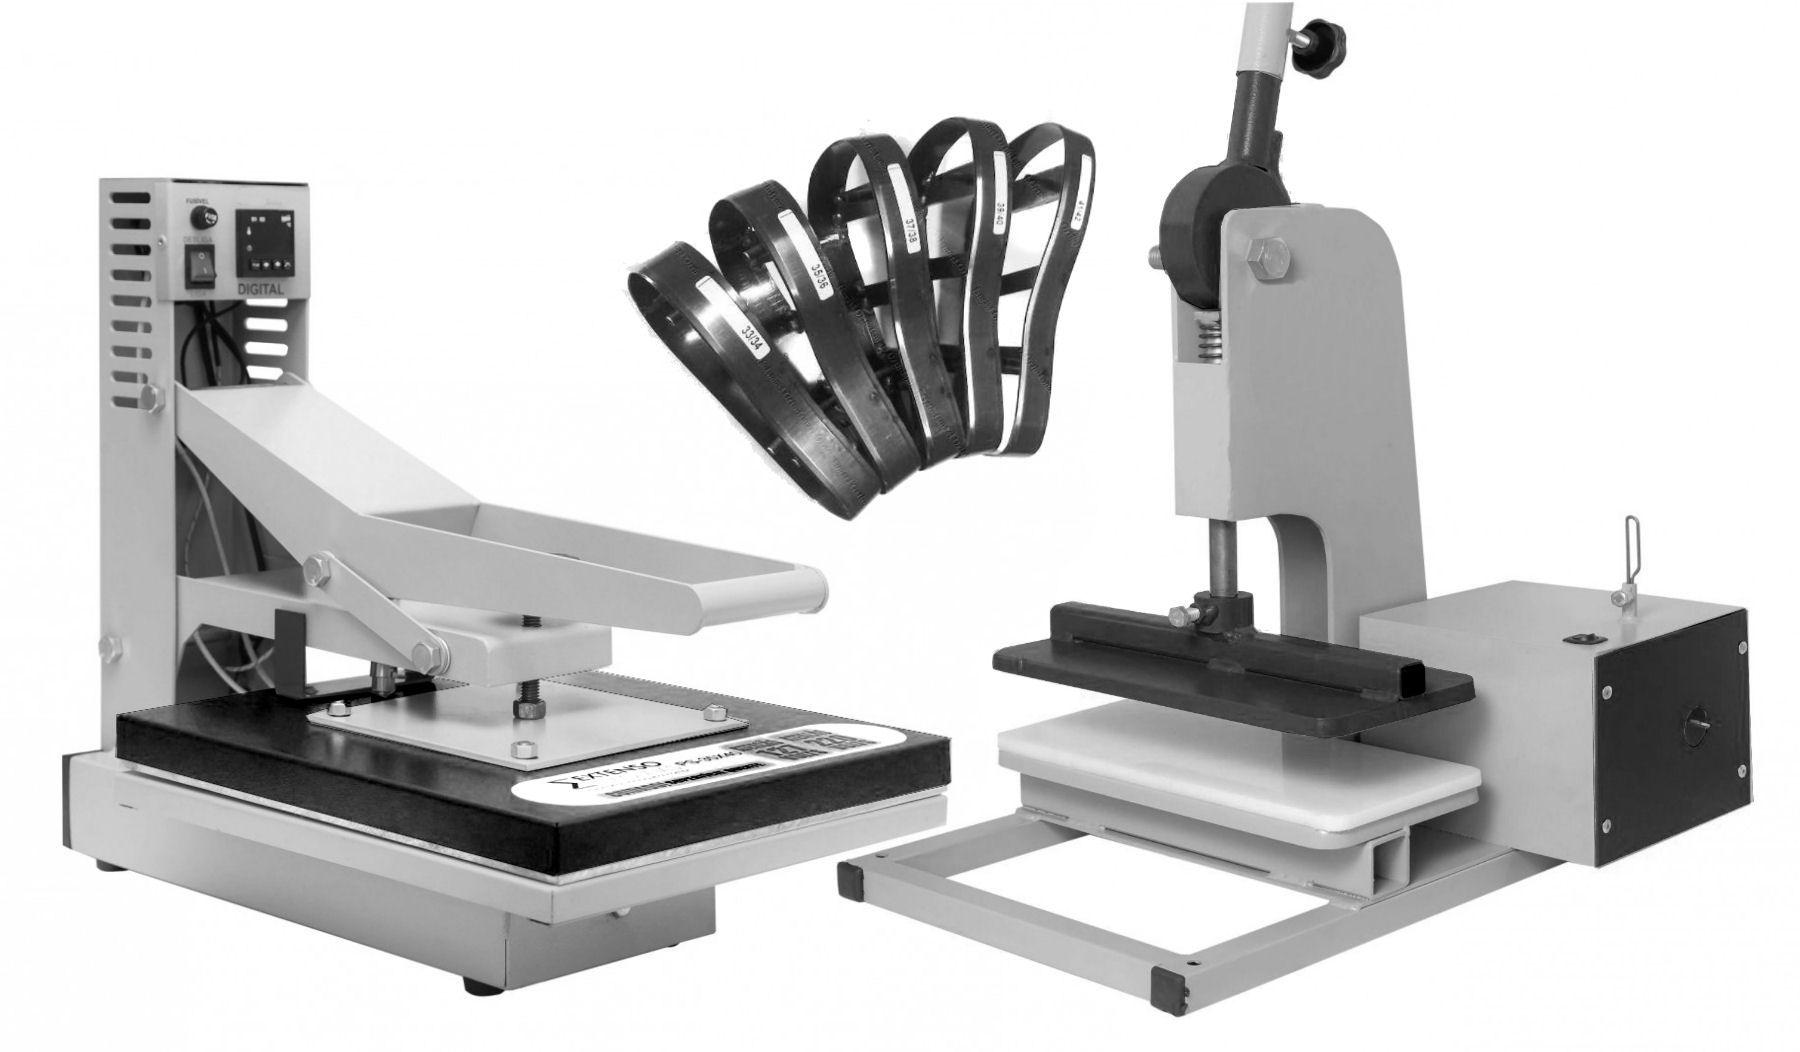 b16bf5d29 Maquina de fazer chinelo manual (compactada) maquina de estampar chinelo ( kit com 6